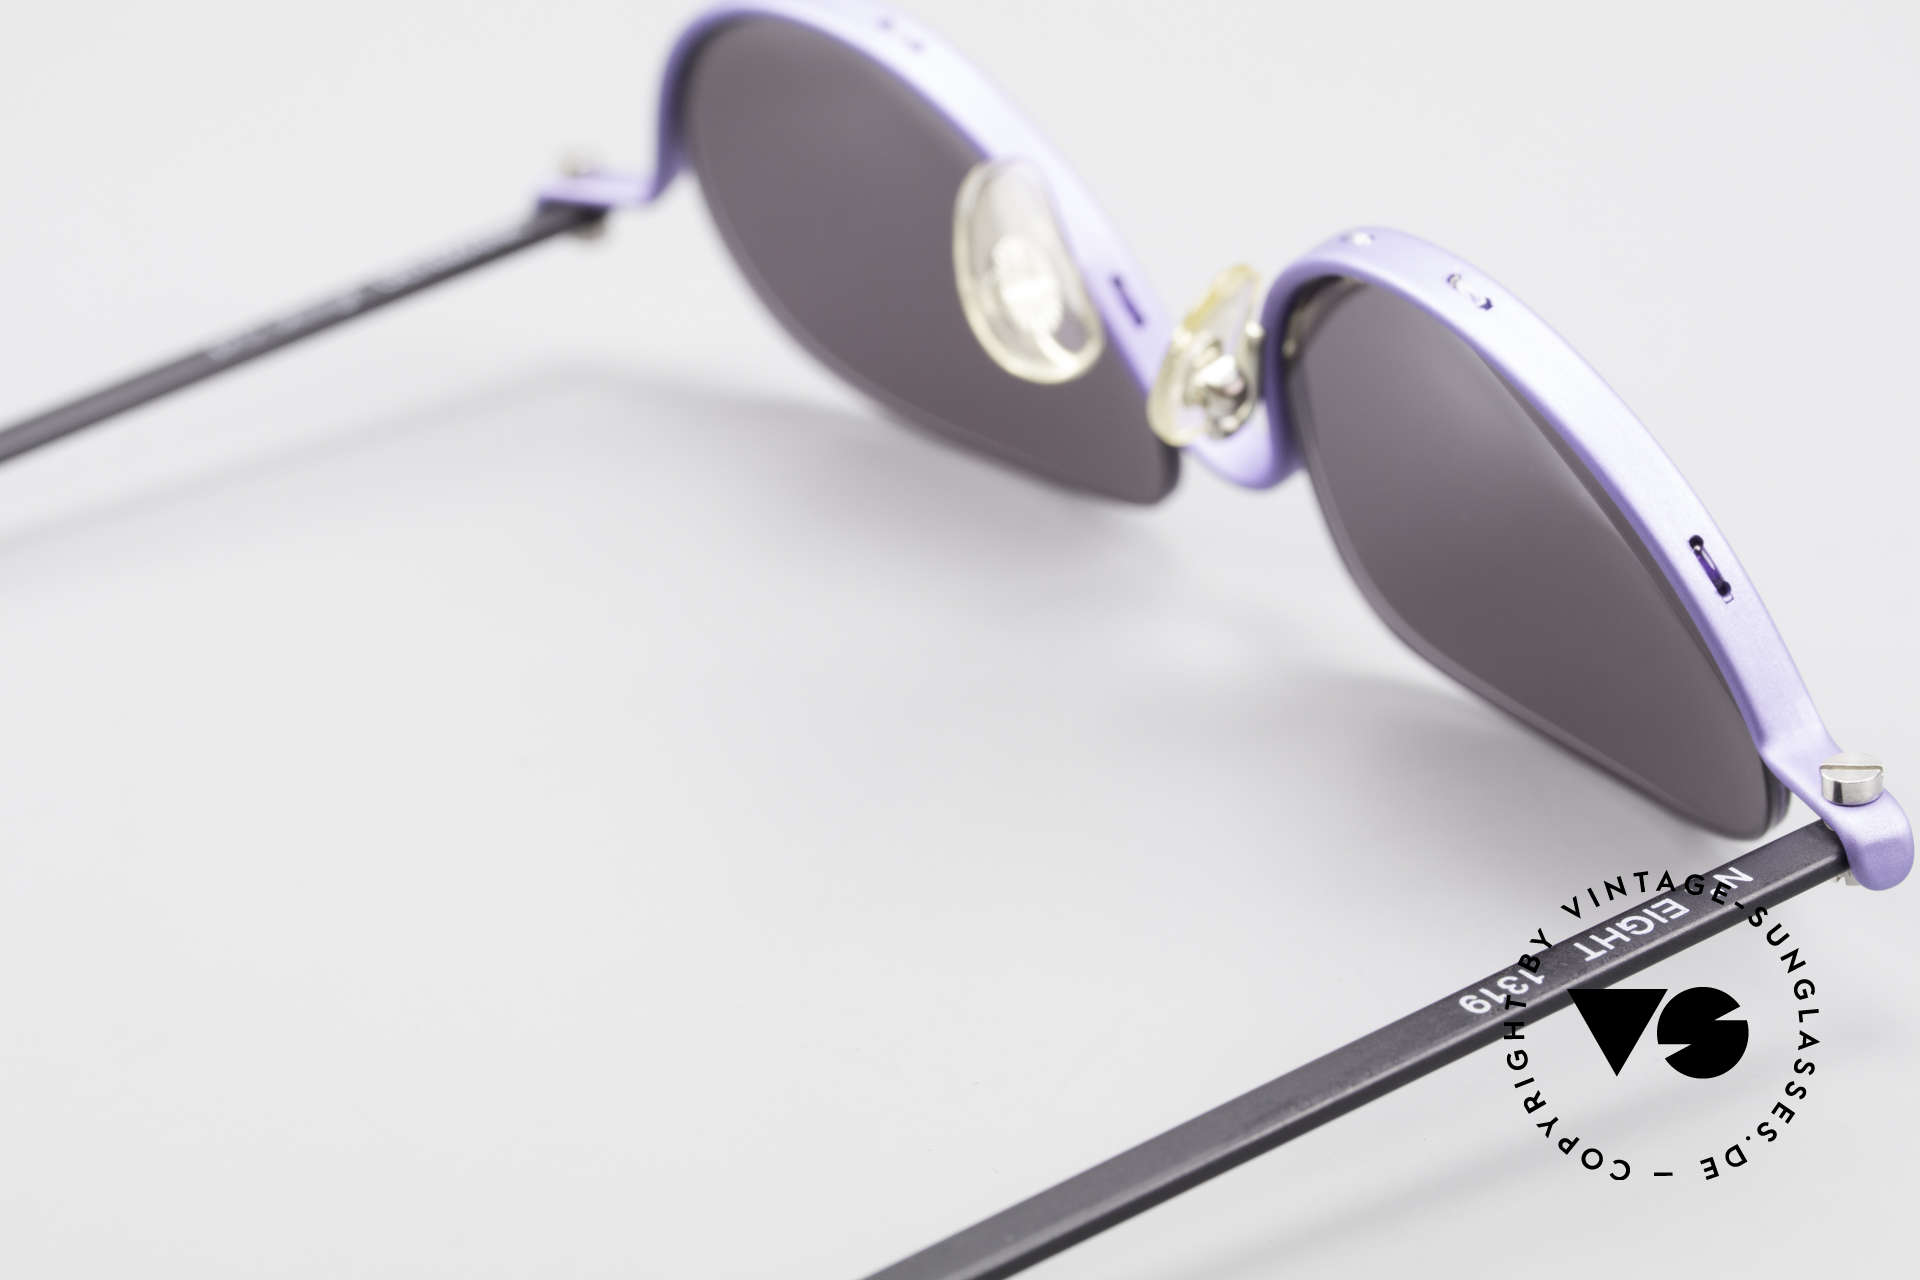 ProDesign No8 Gail Spence Designer Brille, Sonnengläser können durch optische ersetzt werden, Passend für Damen